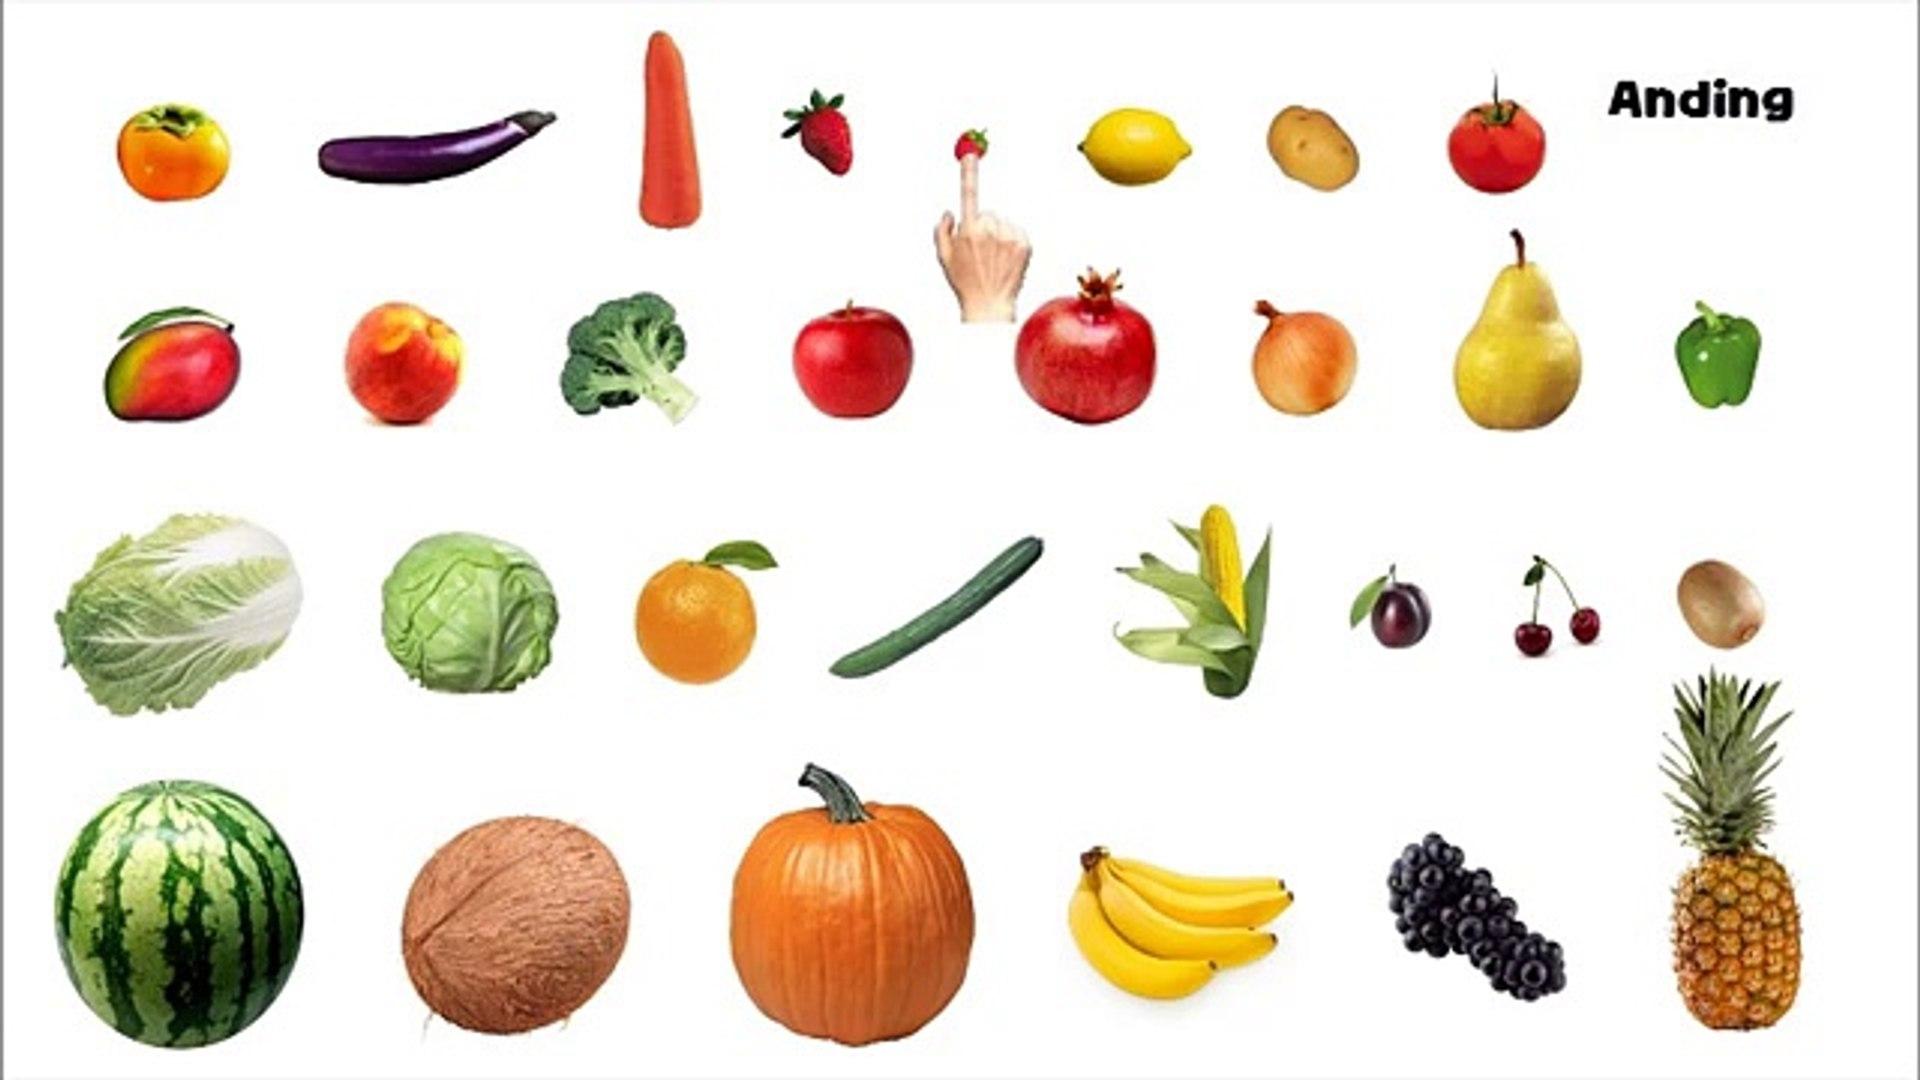 Обучение цвета с фрукты и овощи фотография играть